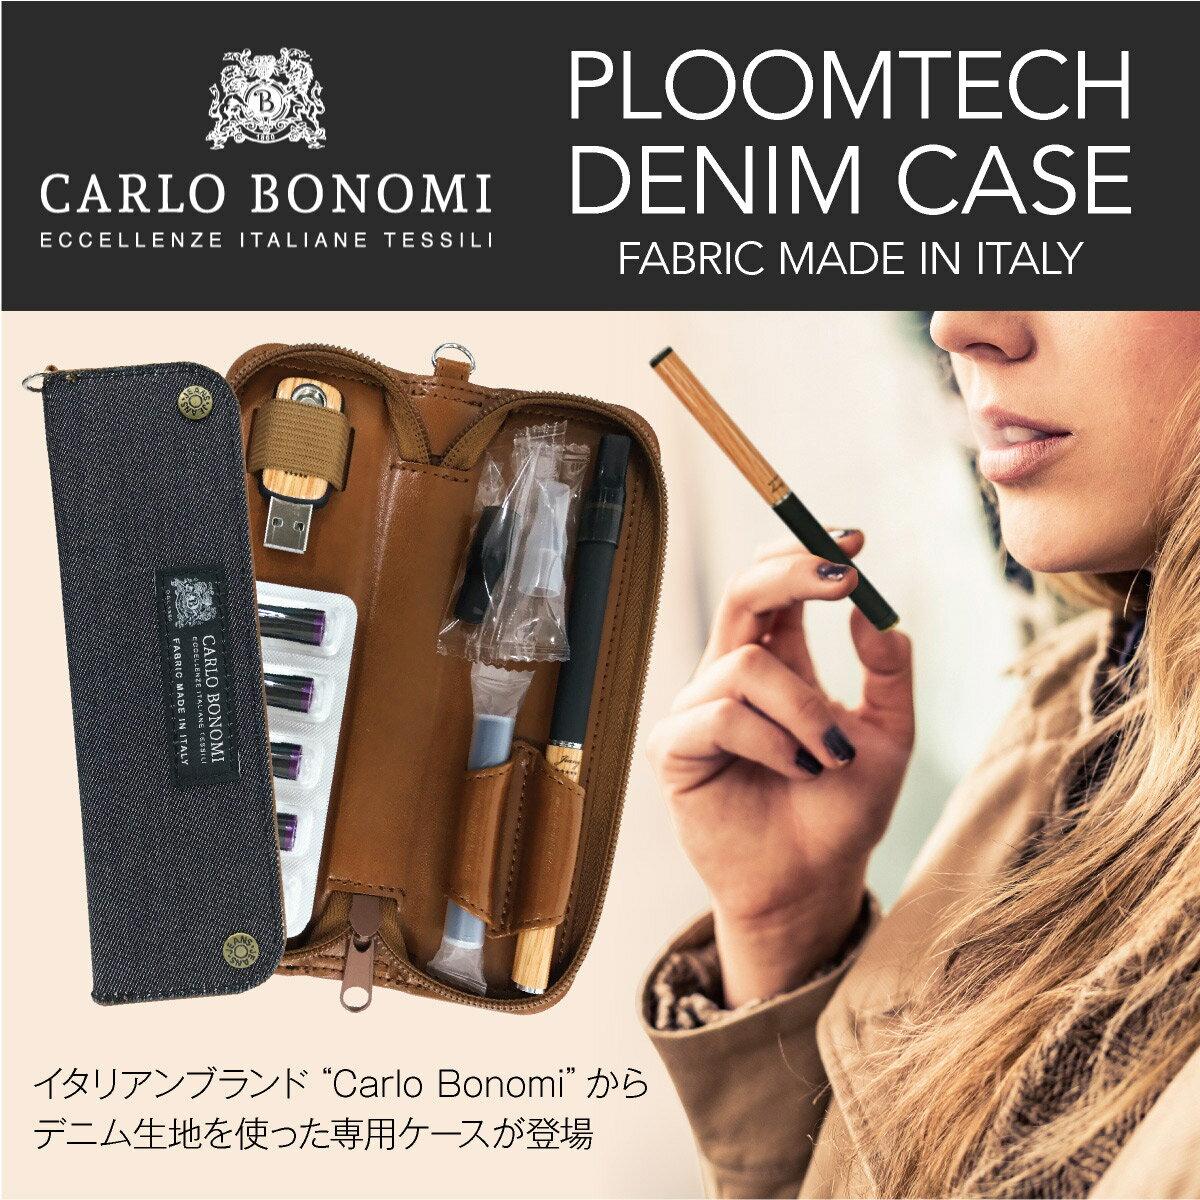 プルームテック ケース プルームテックケース プルームテック ストラップ シール カバー レザーケース コンパクト 本体 Ploom Tech ケース ploomtech ケース ploomtechシール 電子タバコ pt-bonomi